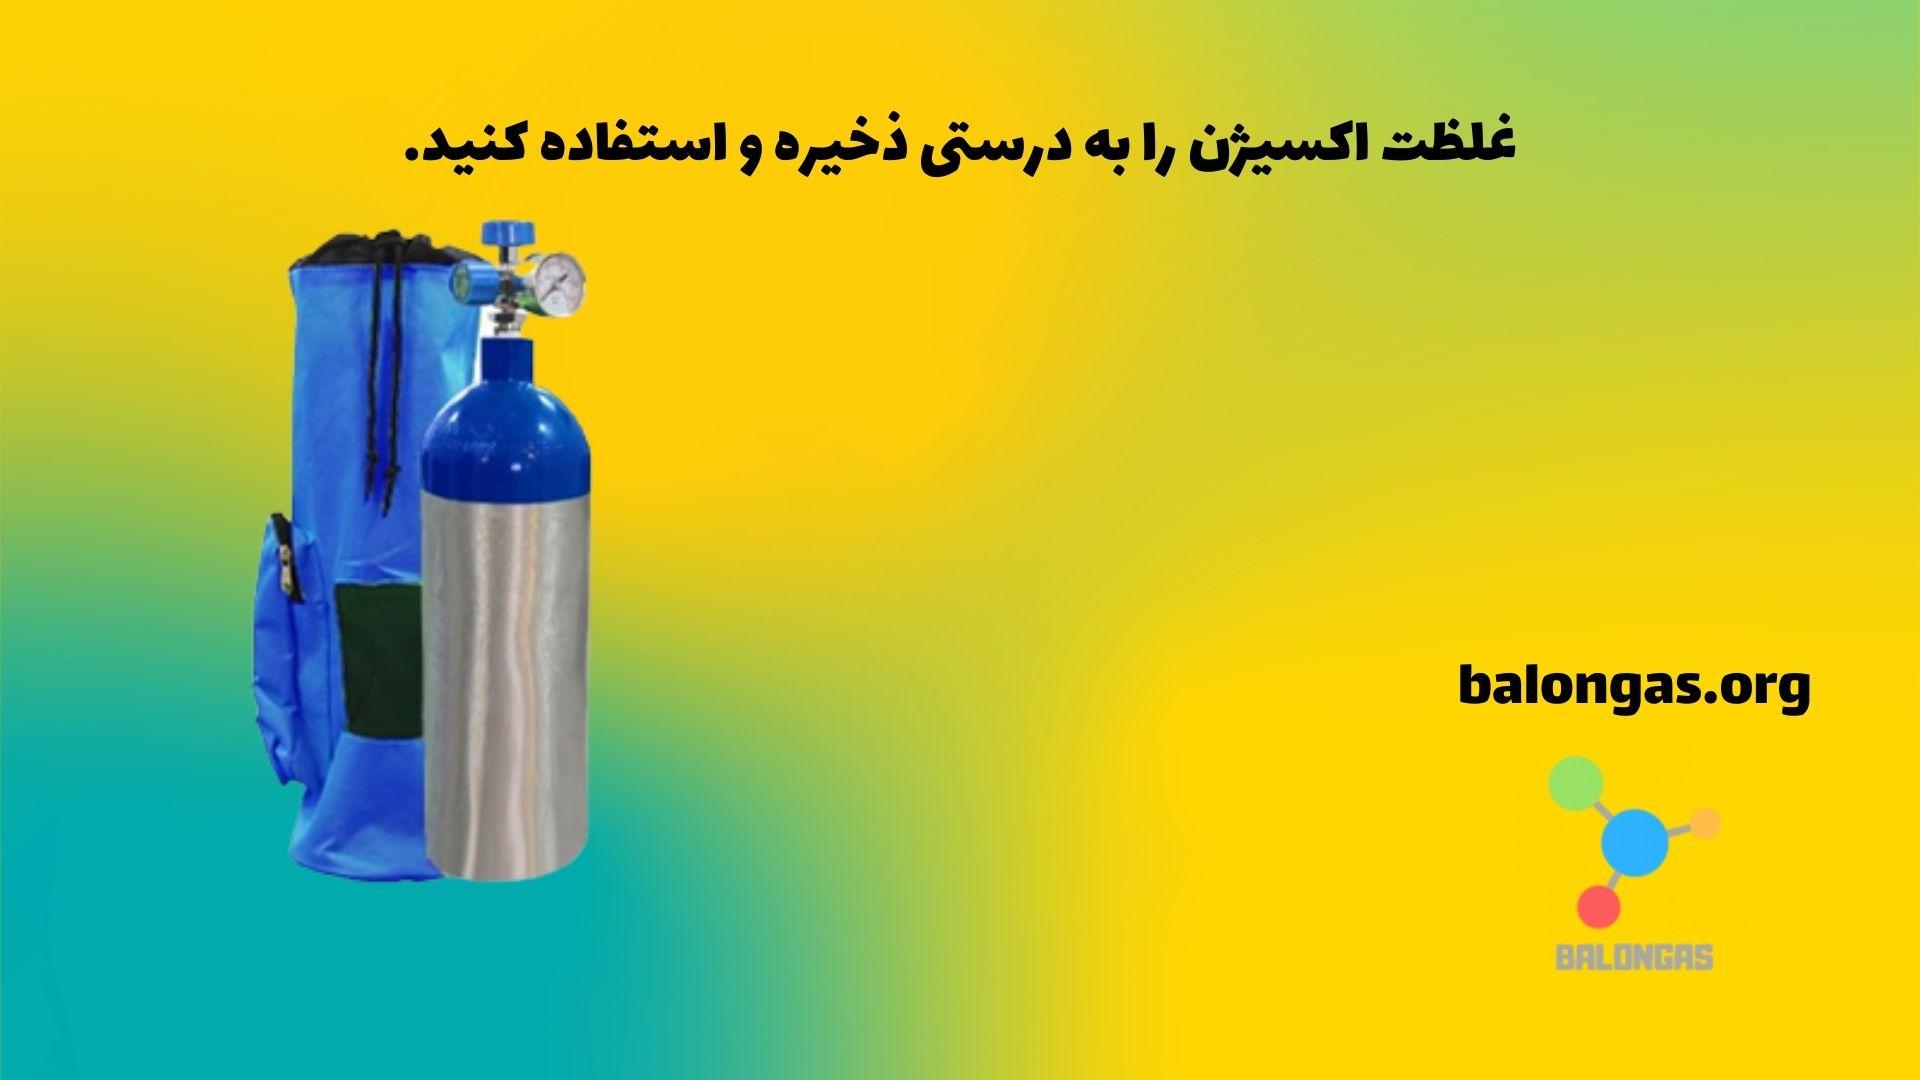 غلظت اکسیژن را به درستی ذخیره و استفاده کنید.